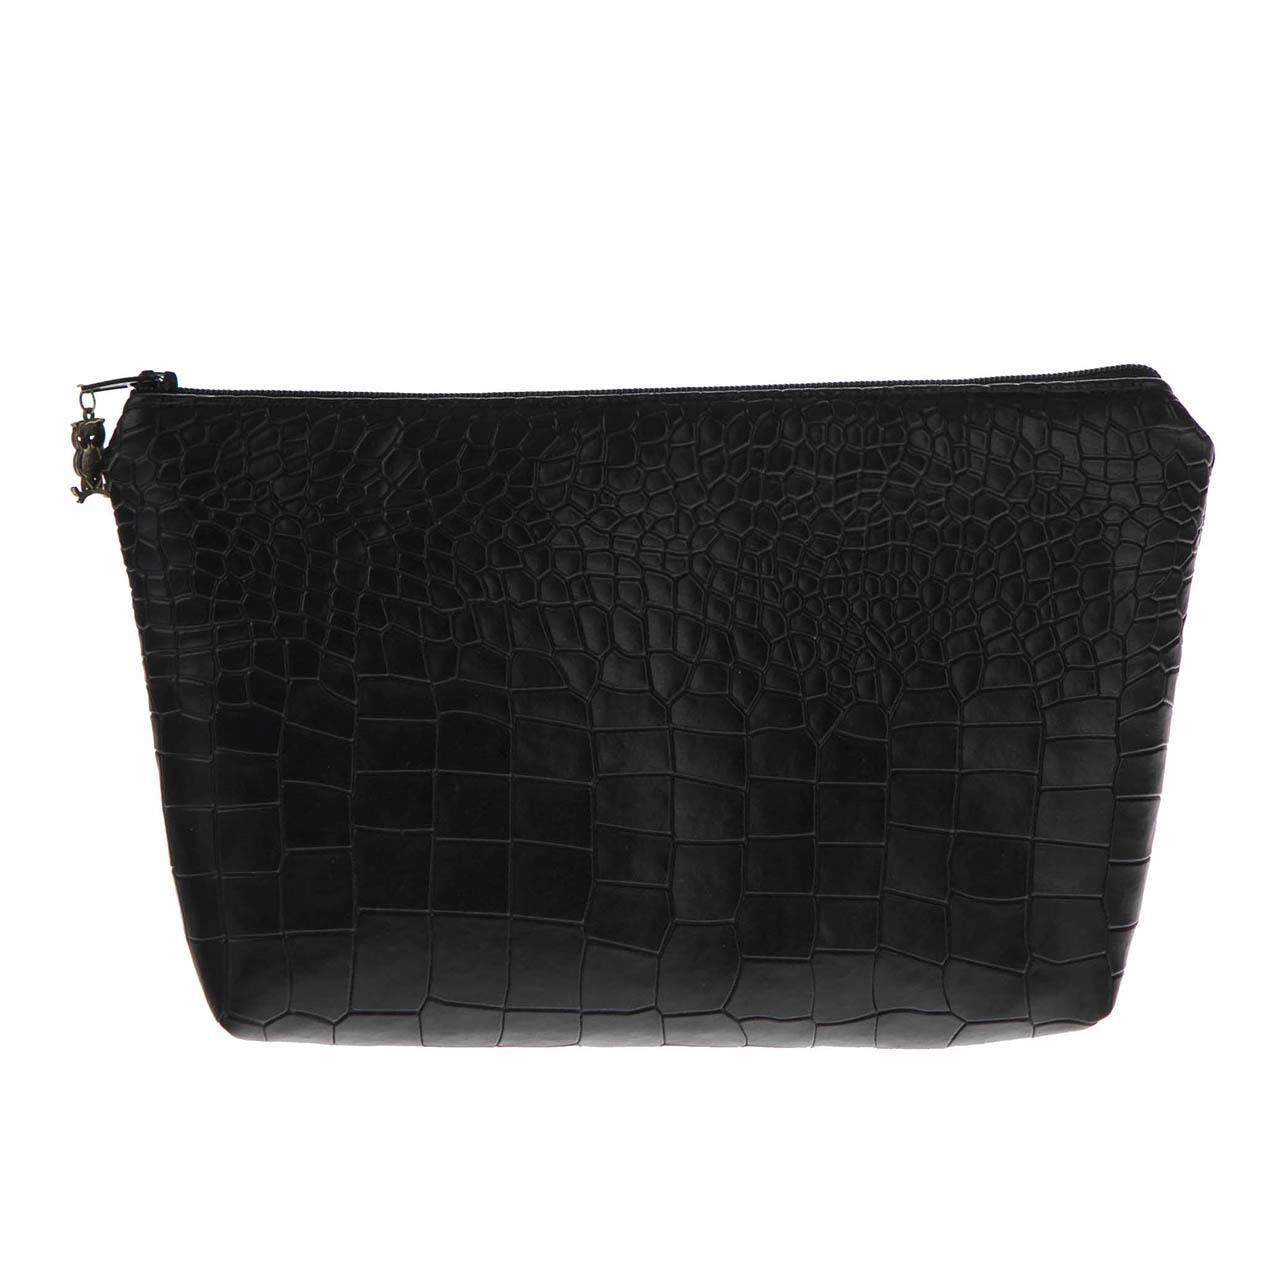 قیمت کیف لوازم آرایش مدل lexi-2